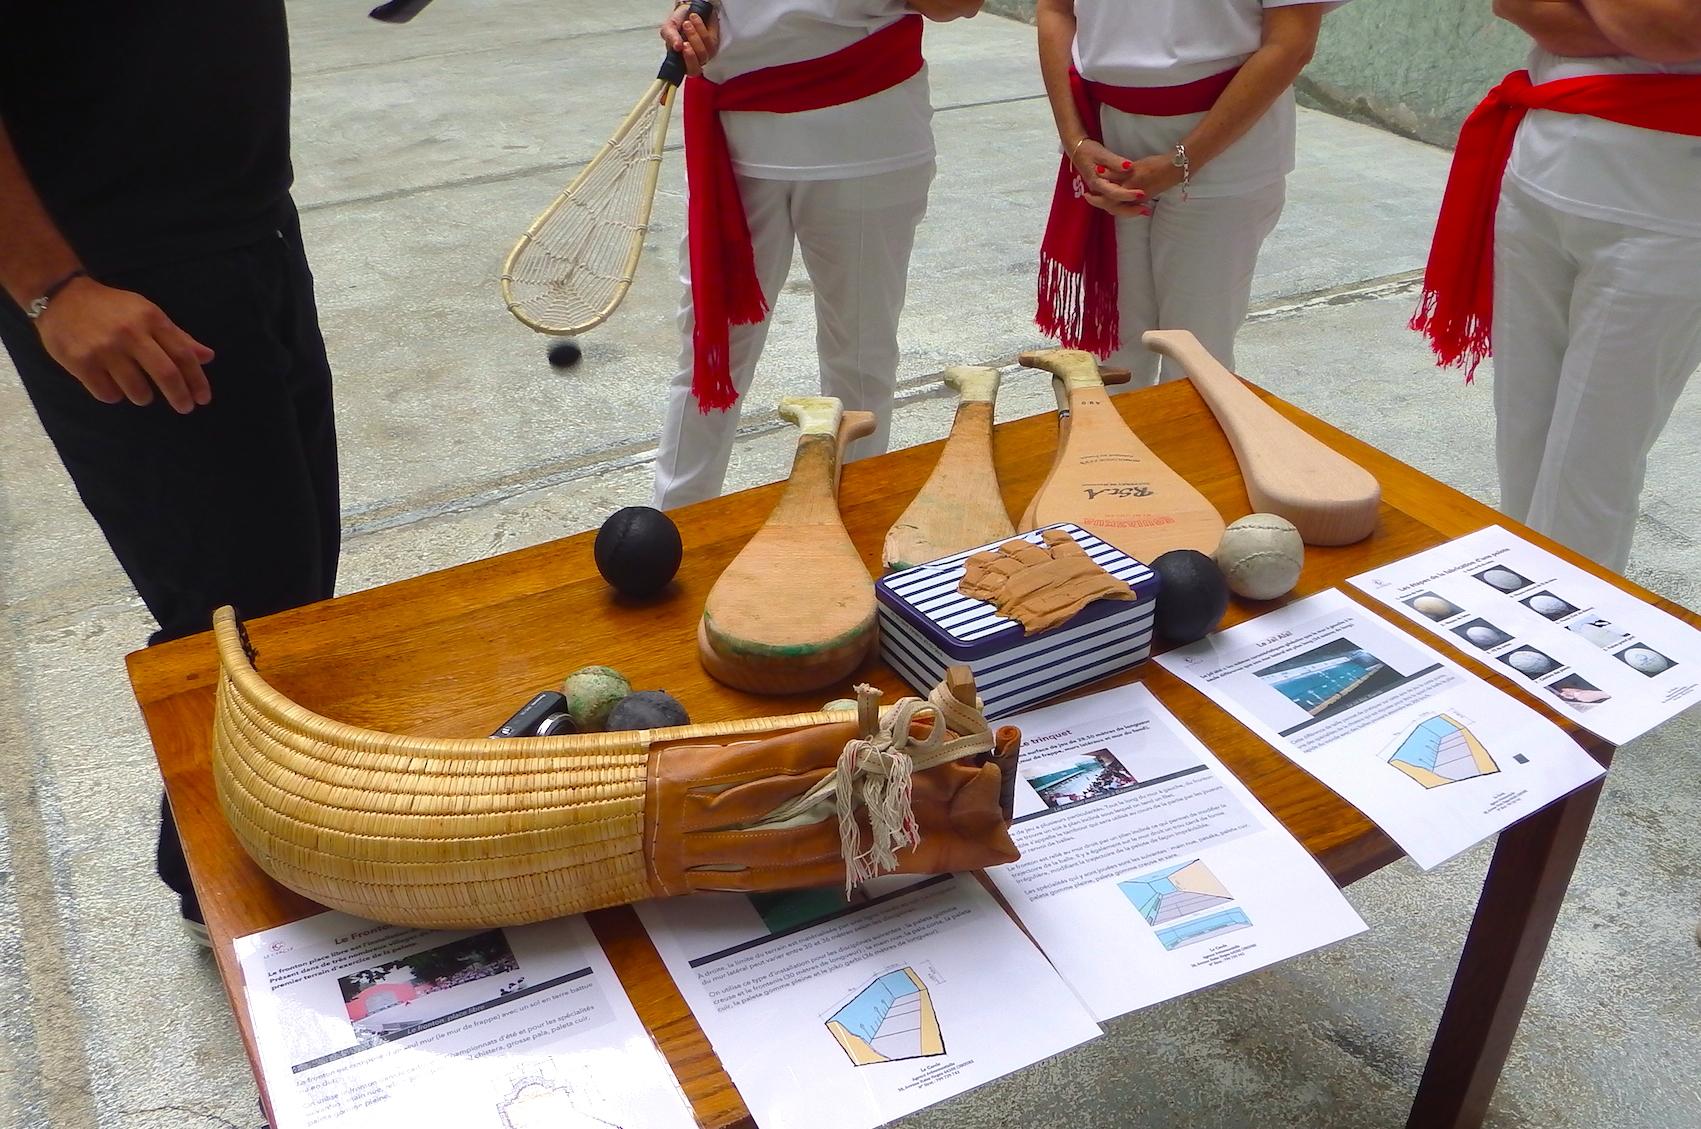 journée-visite-saint-jean-de-luz-agence-voyage-pays-basque-initiation-pelote-basque-6